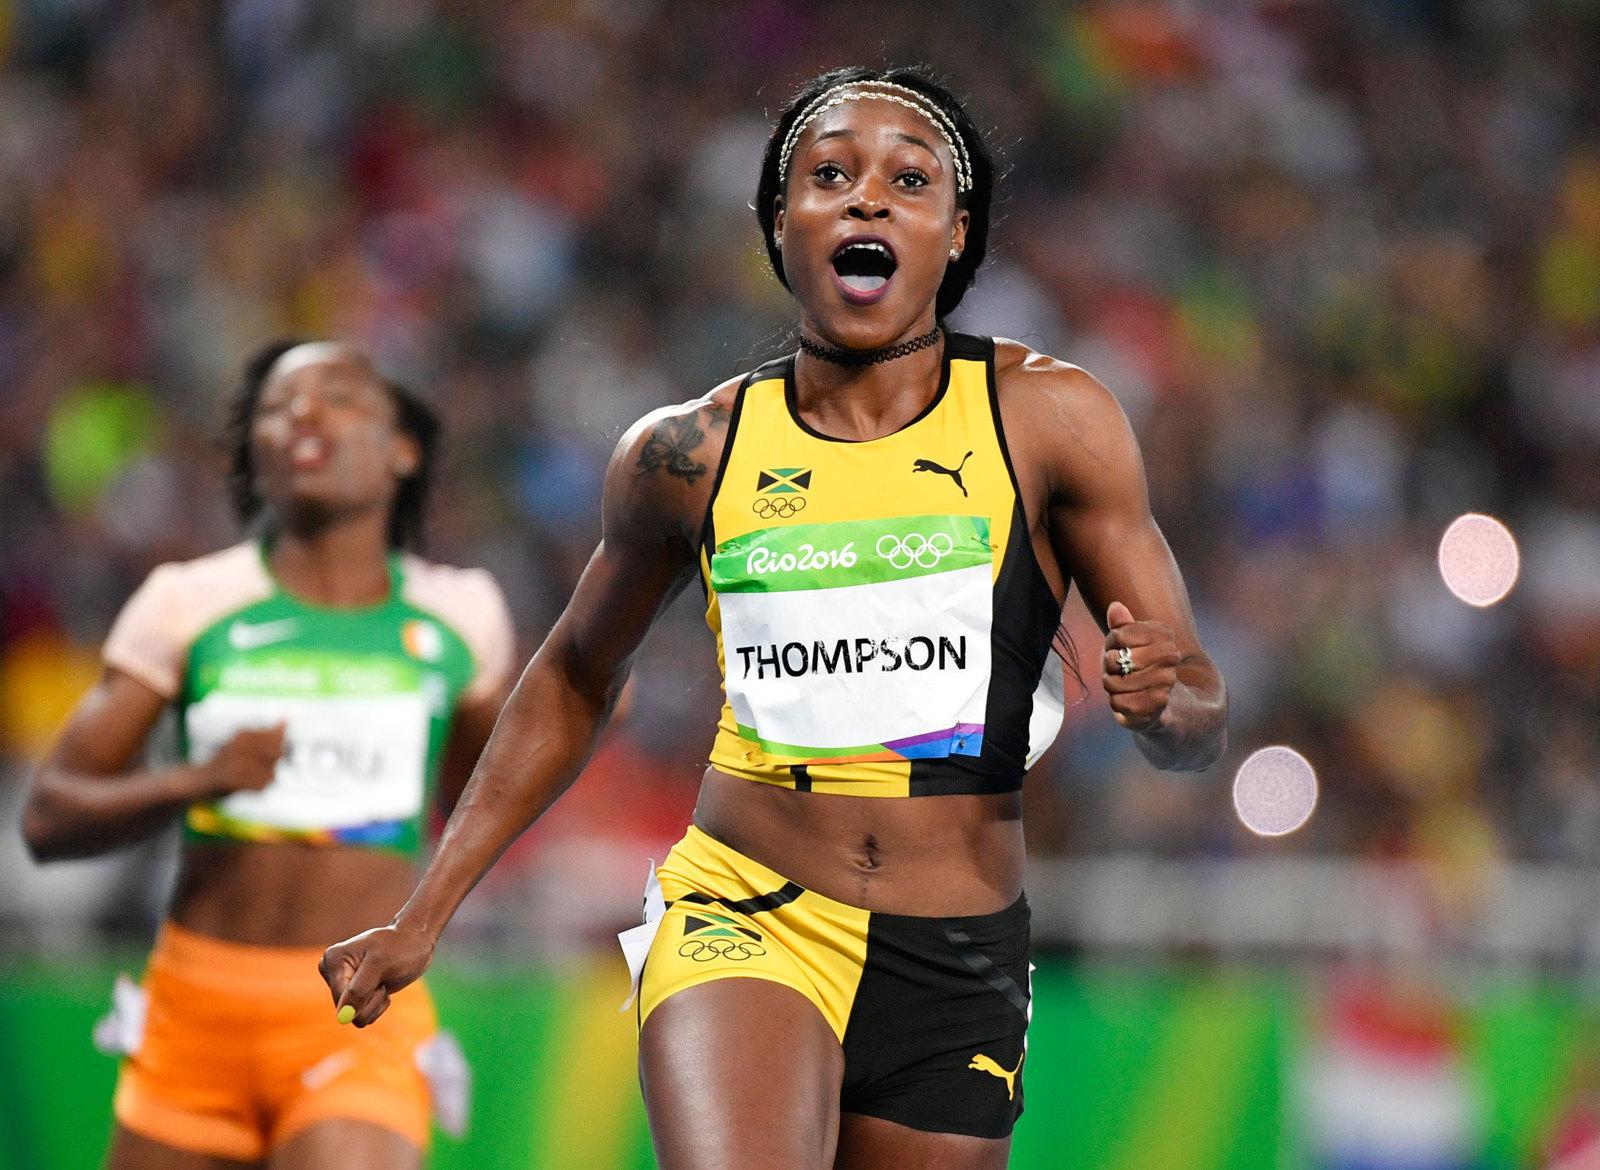 На стометровке у женщин не было равных ямайской бегунье Элейн Томпсон